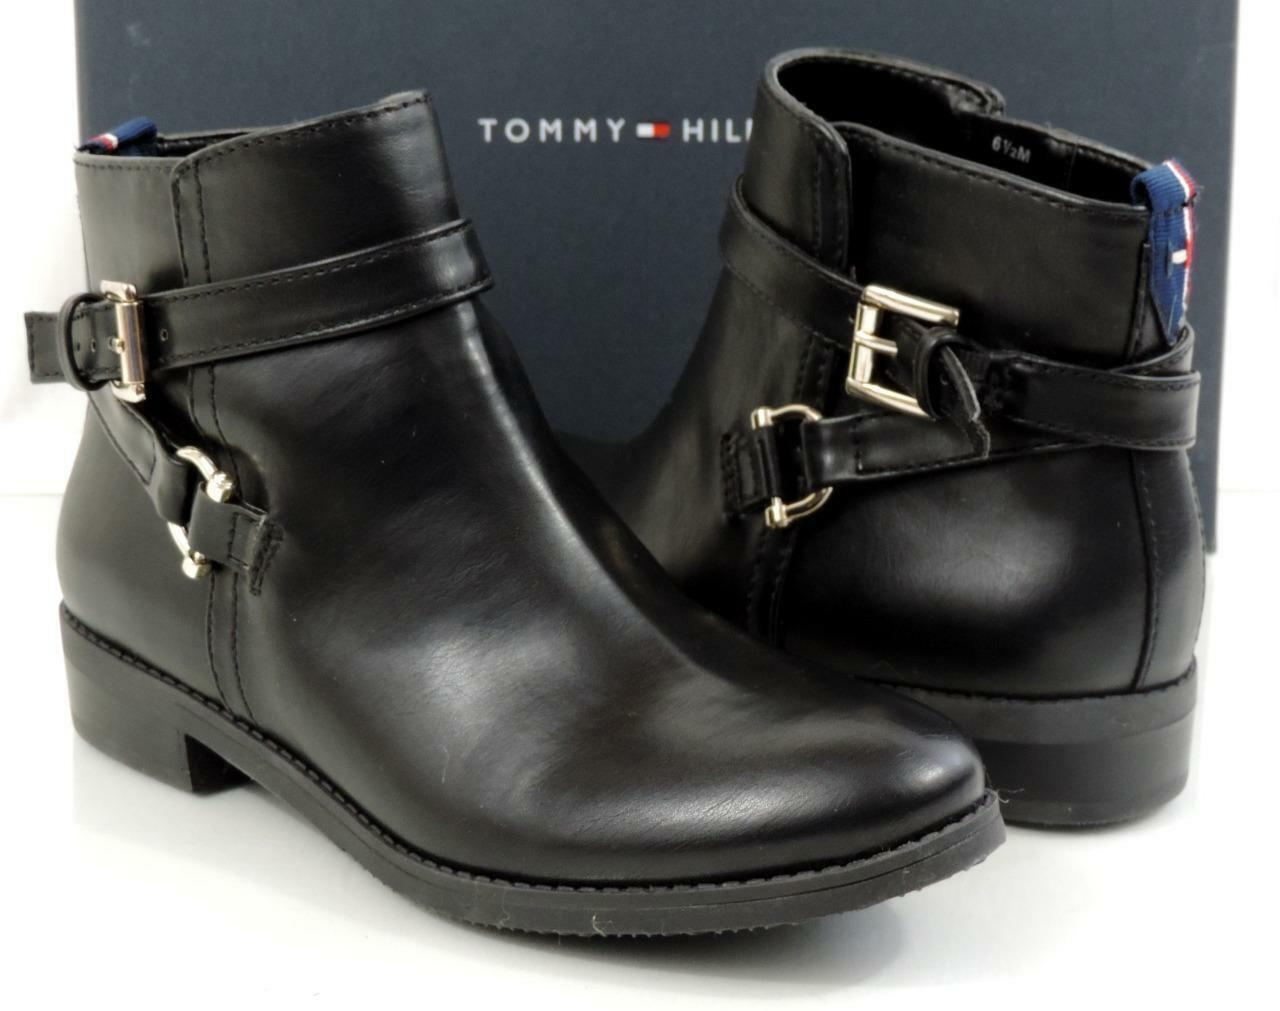 tommy hilfiger danni 2 noir taille bottes synthétiques, taille noir 5, dé tai l 89   aa4951